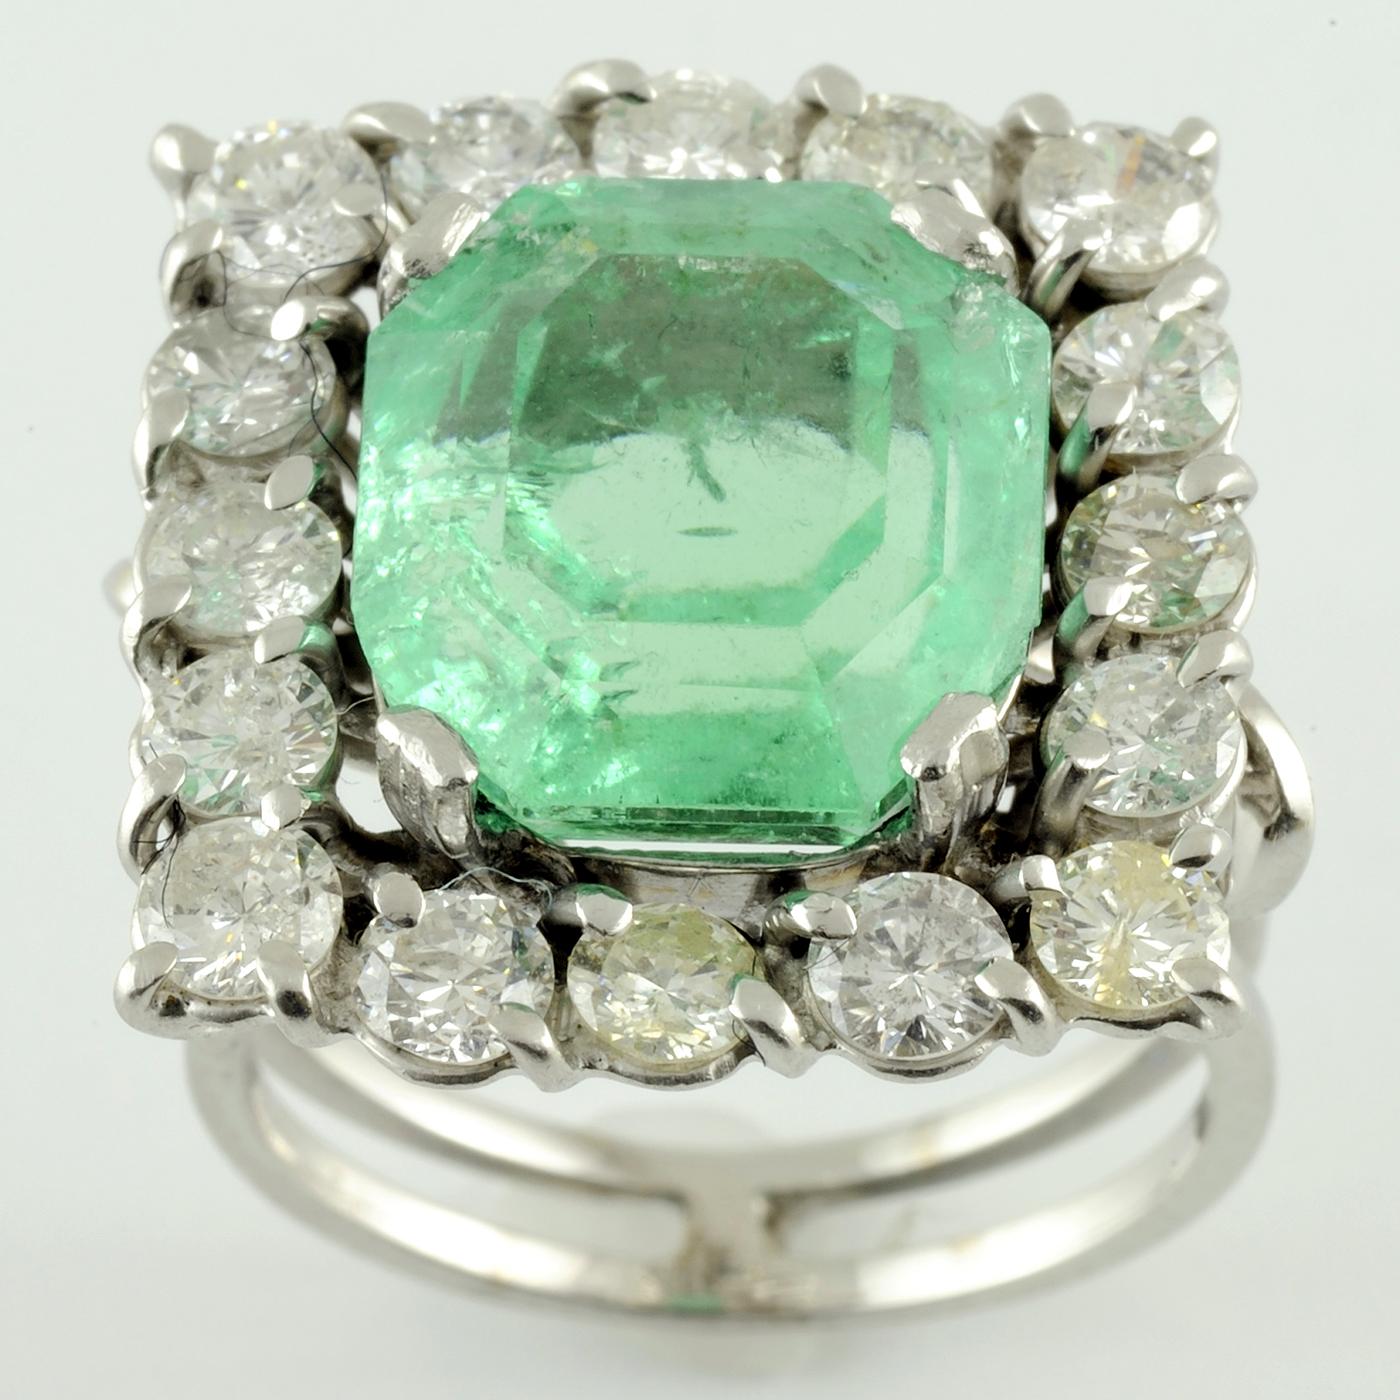 Sortija de Oro blanco con Esmeralda Colombiana de 9,17 cts. y orla de 16 diamantes talla brillante 2,08 cts. 8,41 gr. (Certificado IGE)